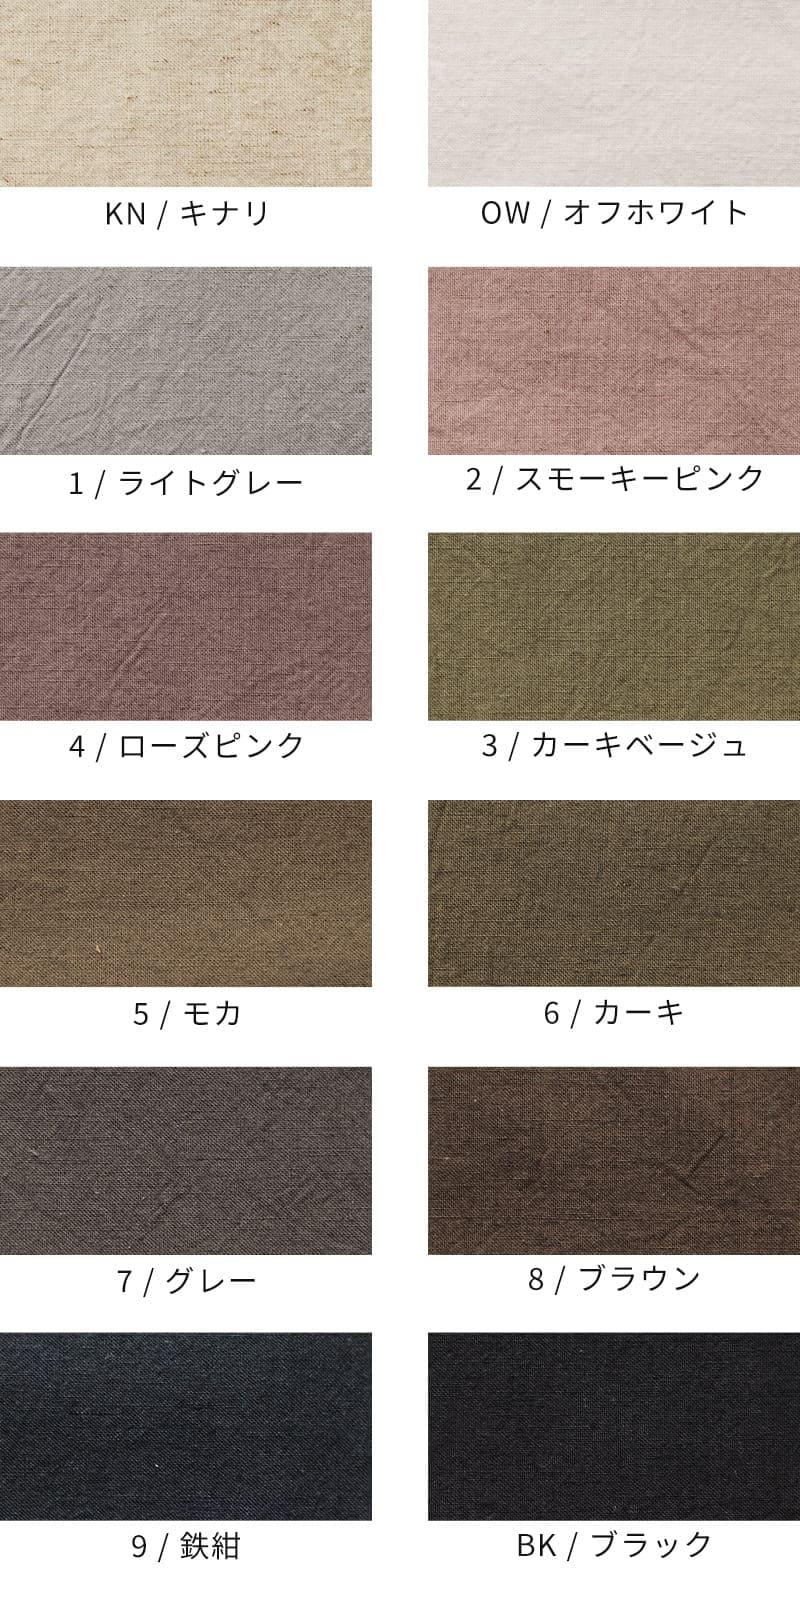 キナリ/オフホワイト/ライトグレー/スモーキーピンク/ローズピンク/カーキベージュ/モカ/カーキ/グレー/ブラウン/鉄紺/ブラック